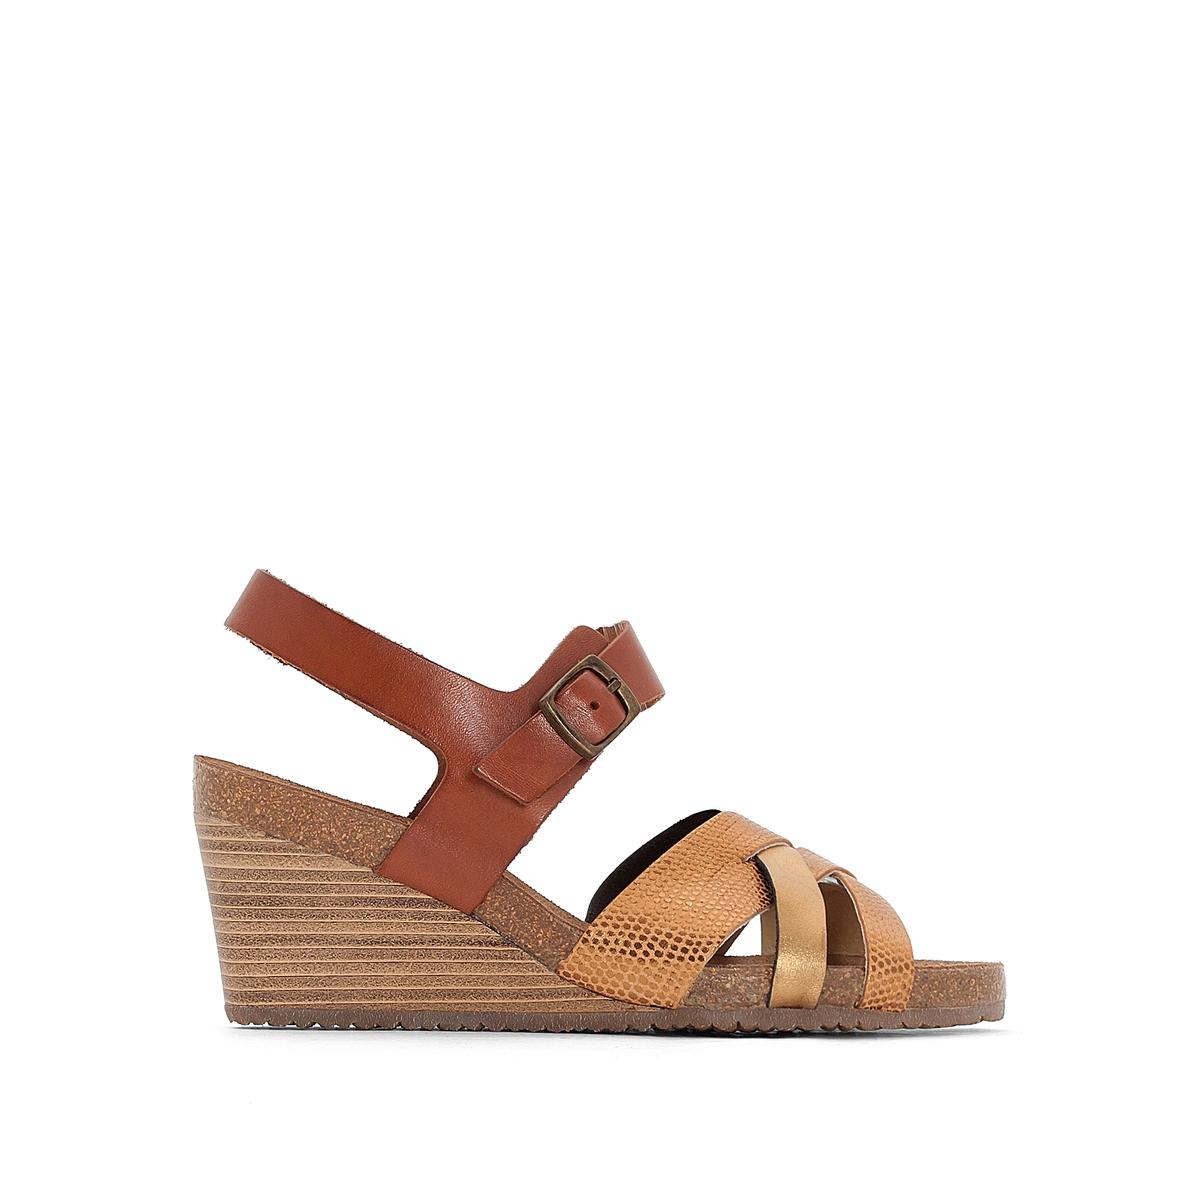 Sandálias de cunha, em pele, SPICY